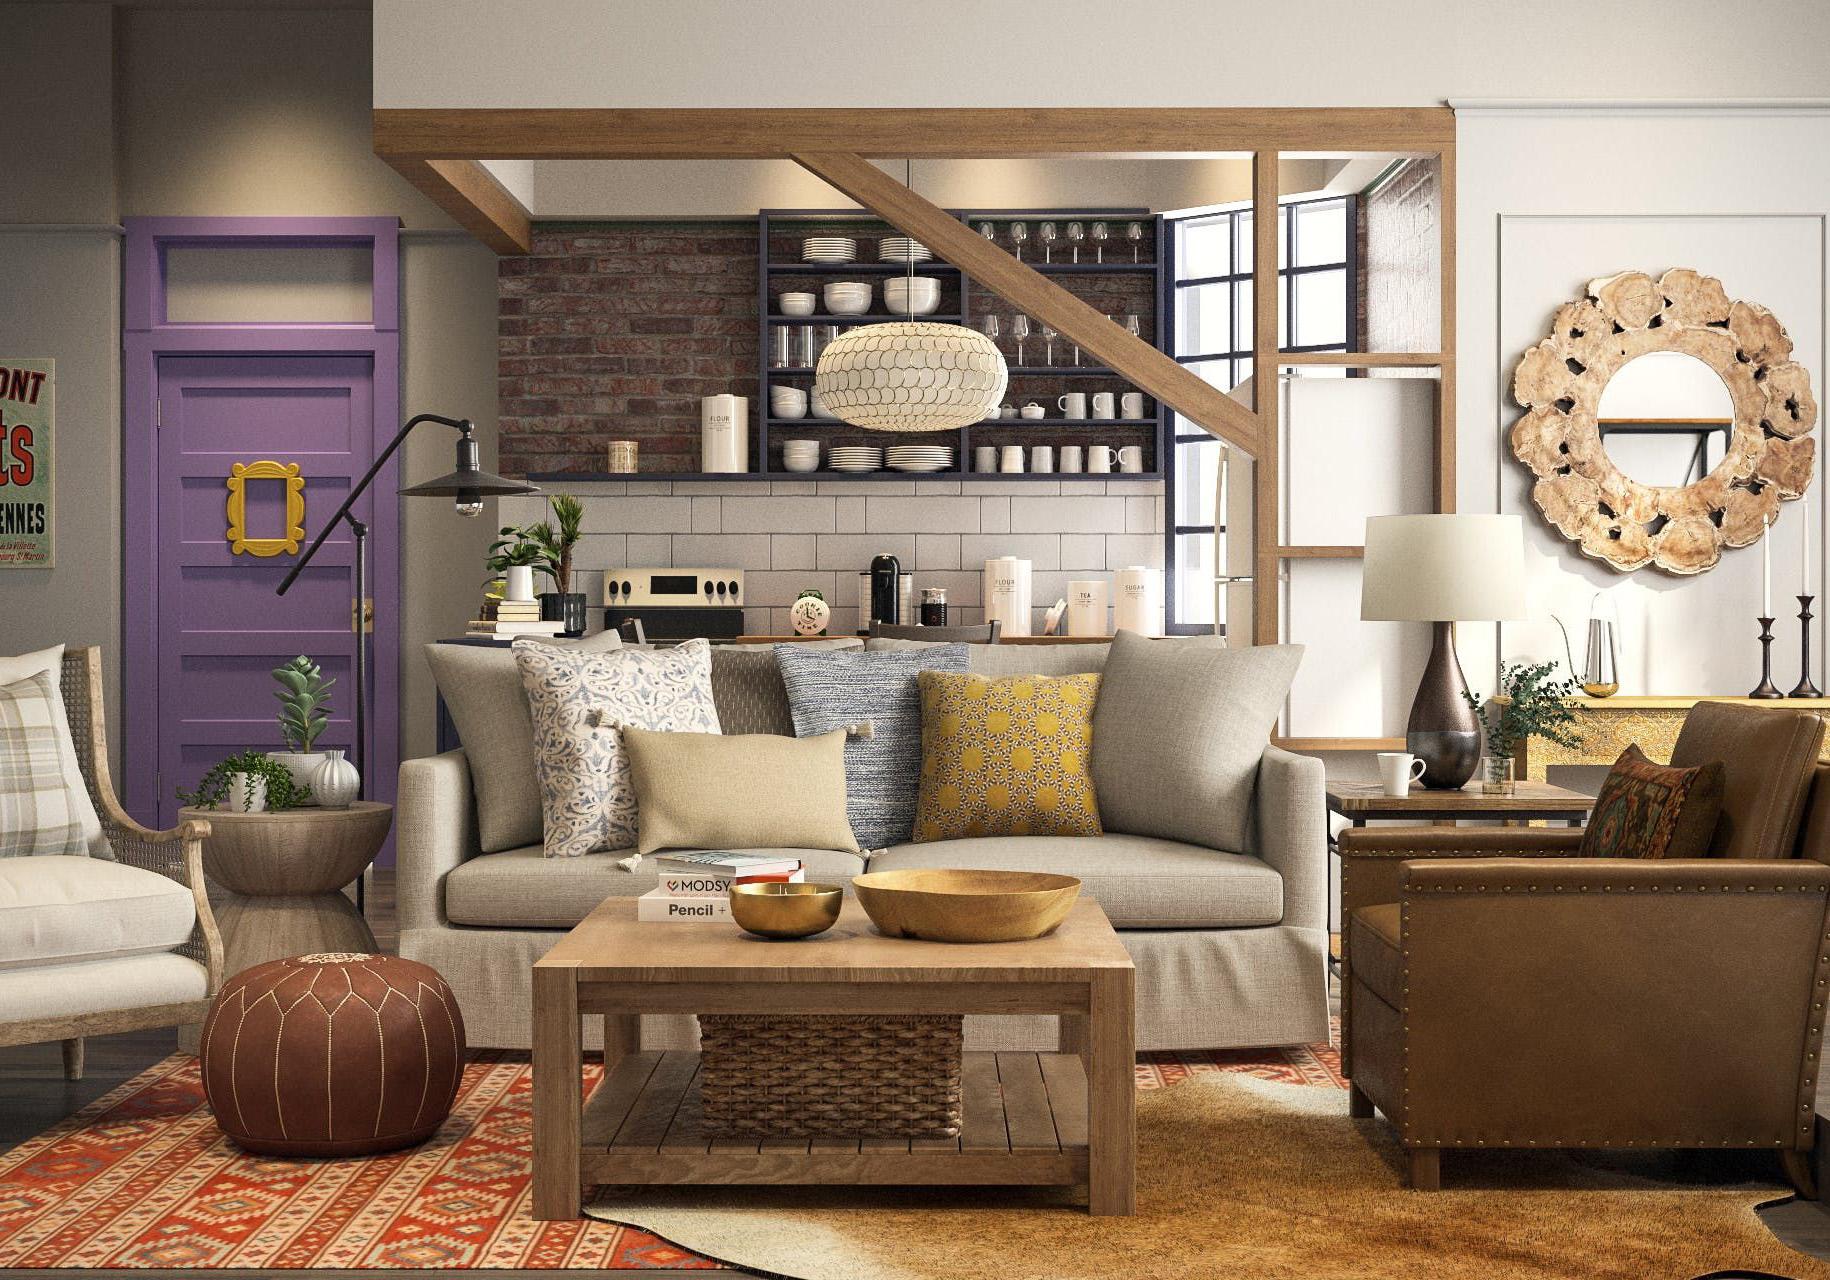 d couvrez l appartement mythique de friends en 2018 elle d coration. Black Bedroom Furniture Sets. Home Design Ideas